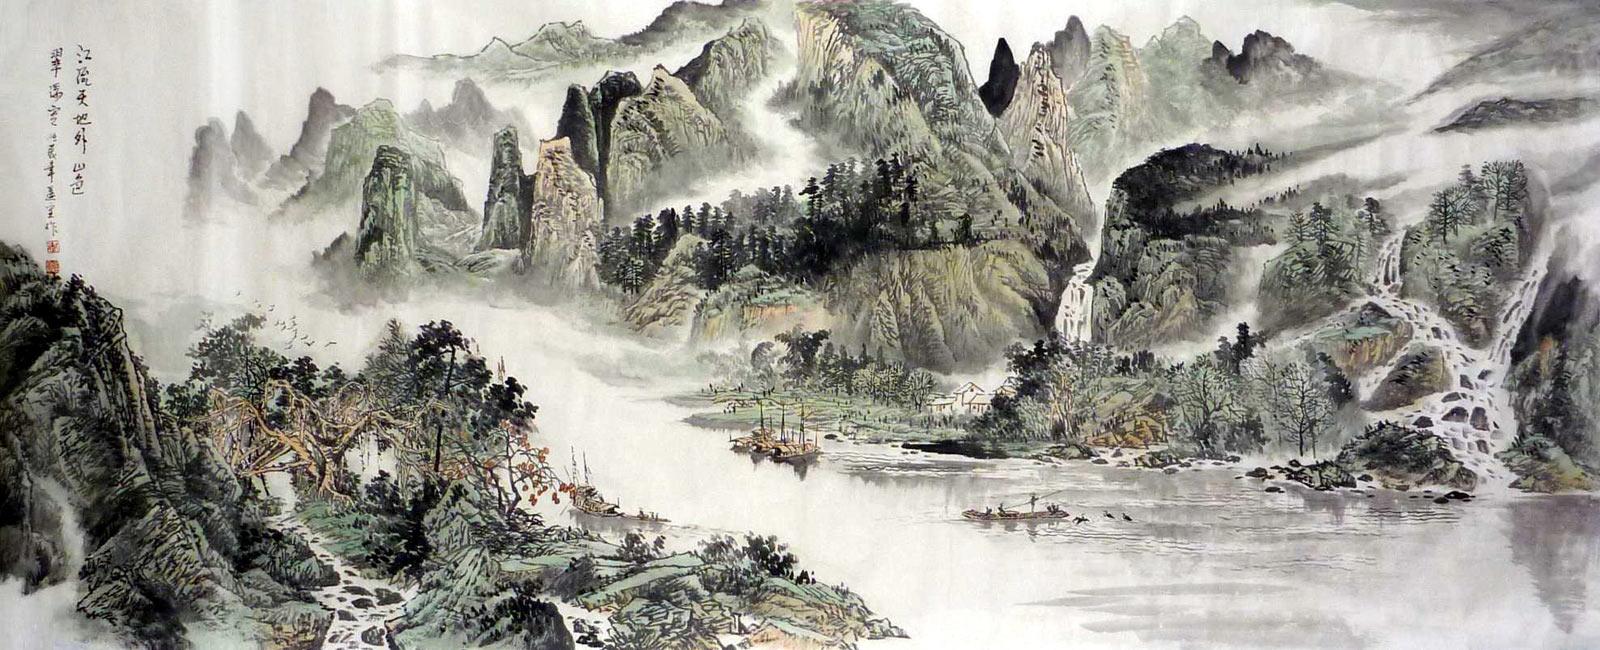 【已售】山水画名家李遥宝《江流天地外,山色翠浮空》